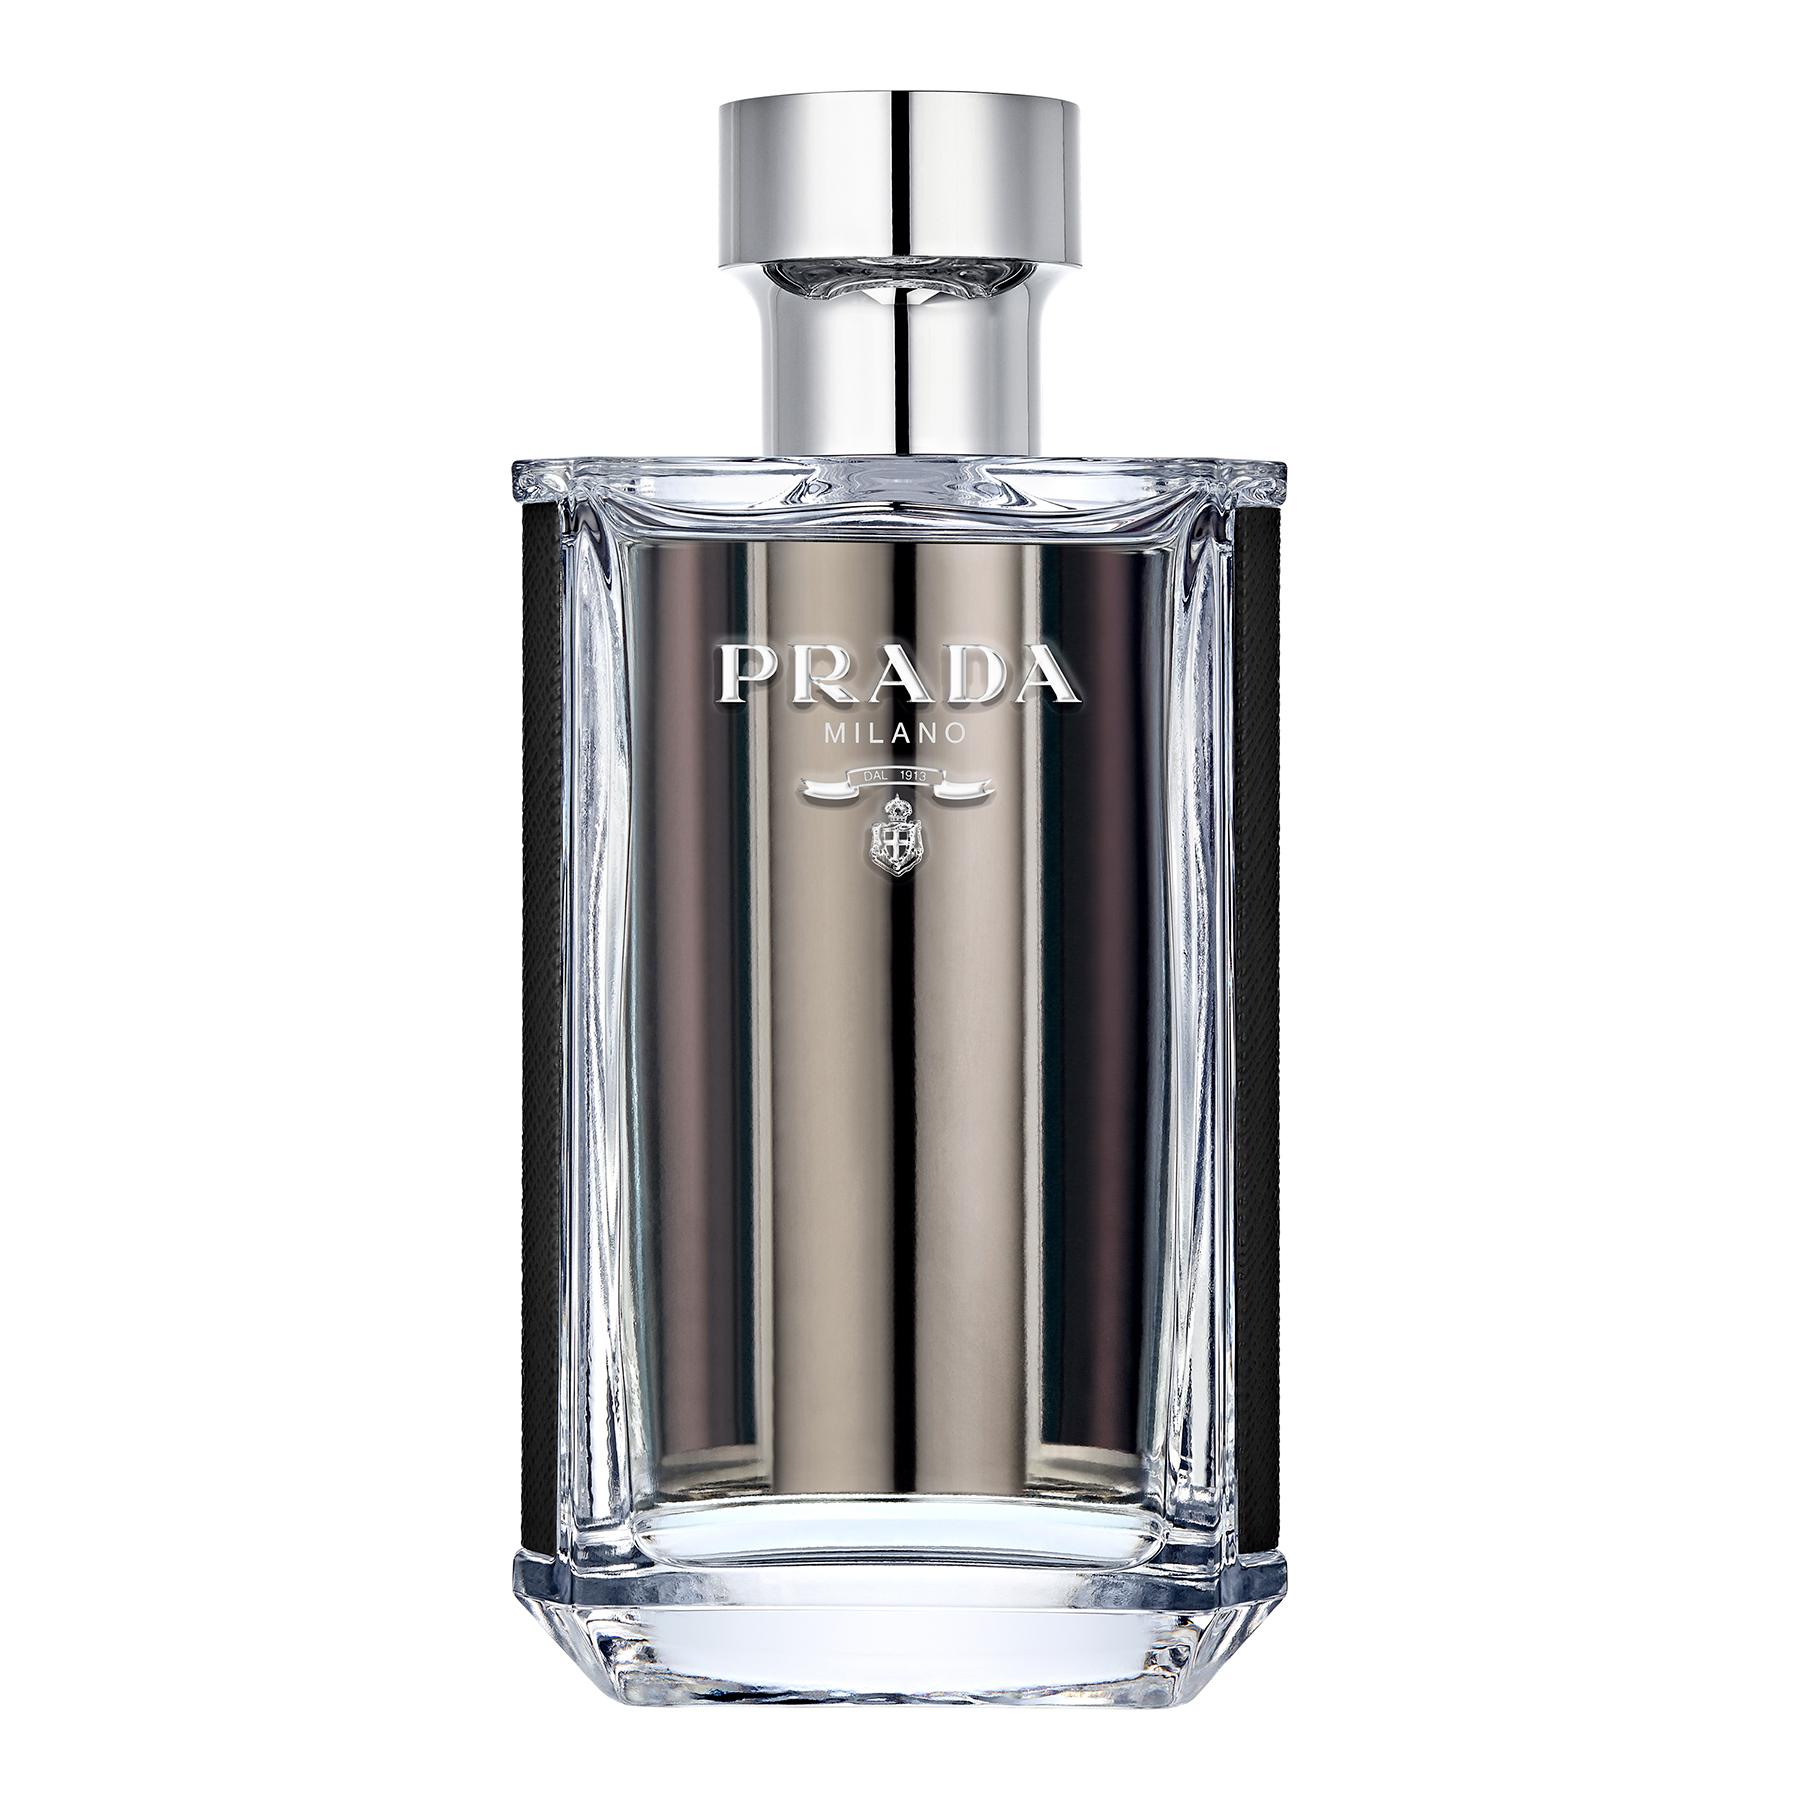 Packshot parfum : Eau De Toilette L'Homme De Prada